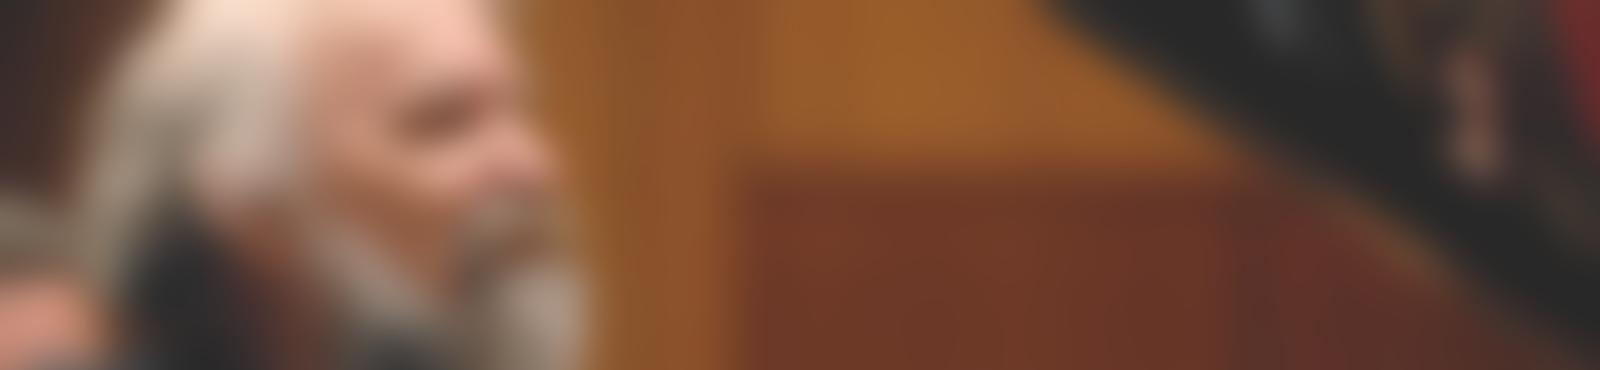 Blurred b2b3887c af9f 42ca 9887 ab0c52726033